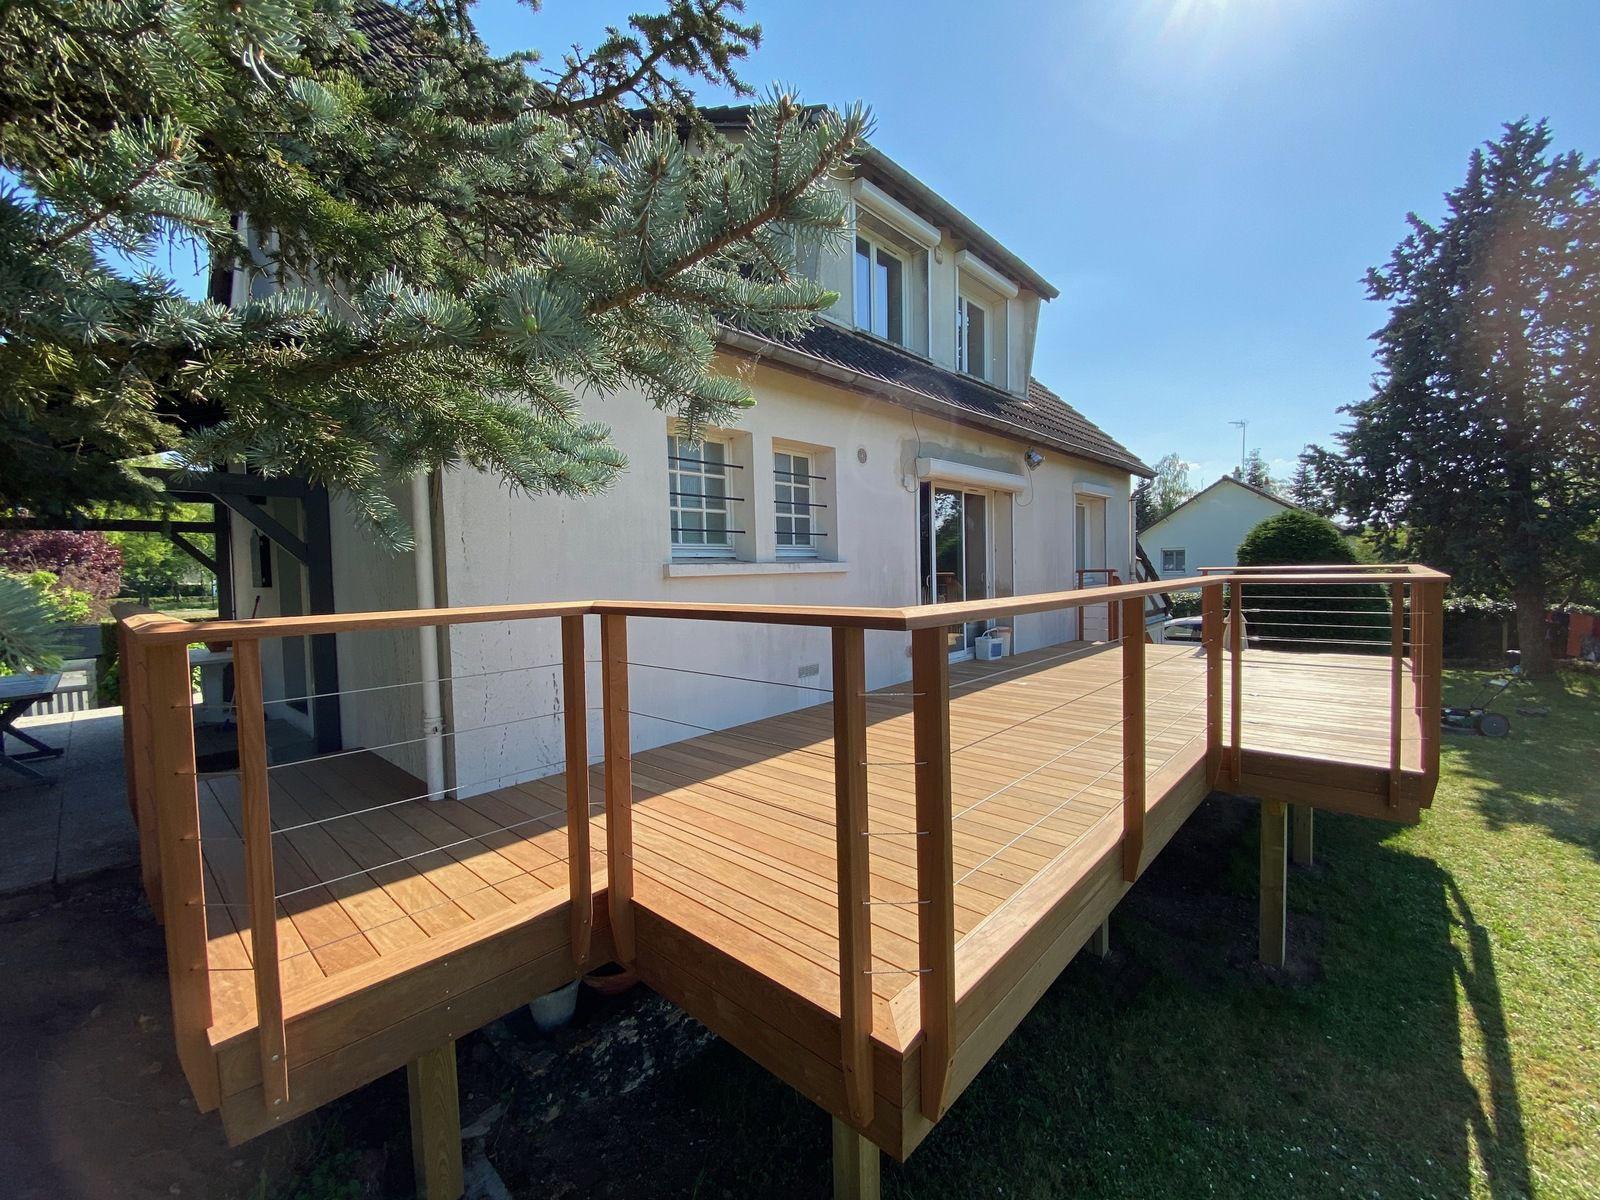 terrasse bois en Ipe premium, gardes corps bois et câbles inox